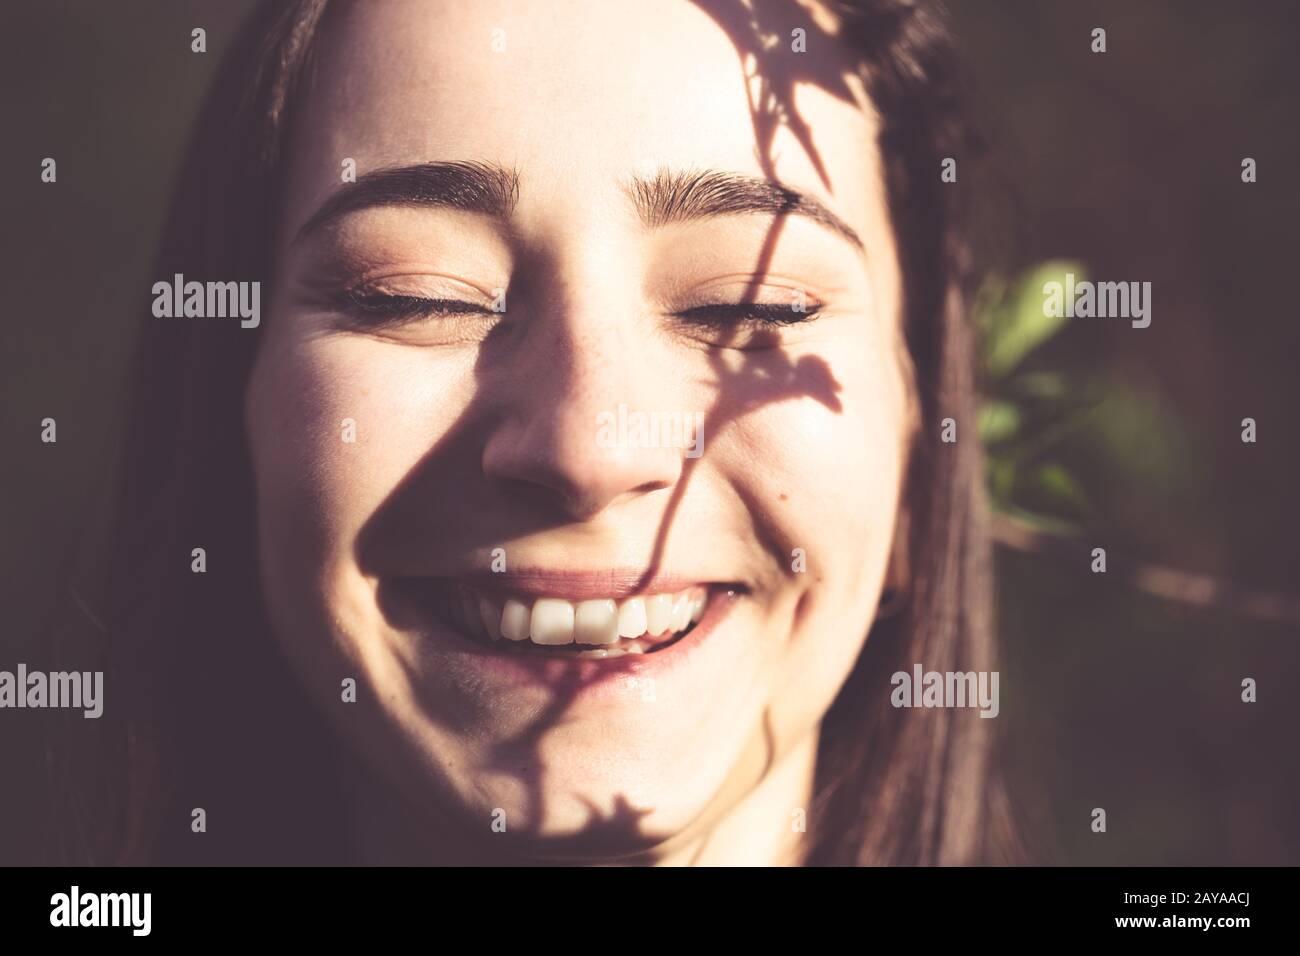 Mujer joven closeup retrato facial en el bosque Foto de stock